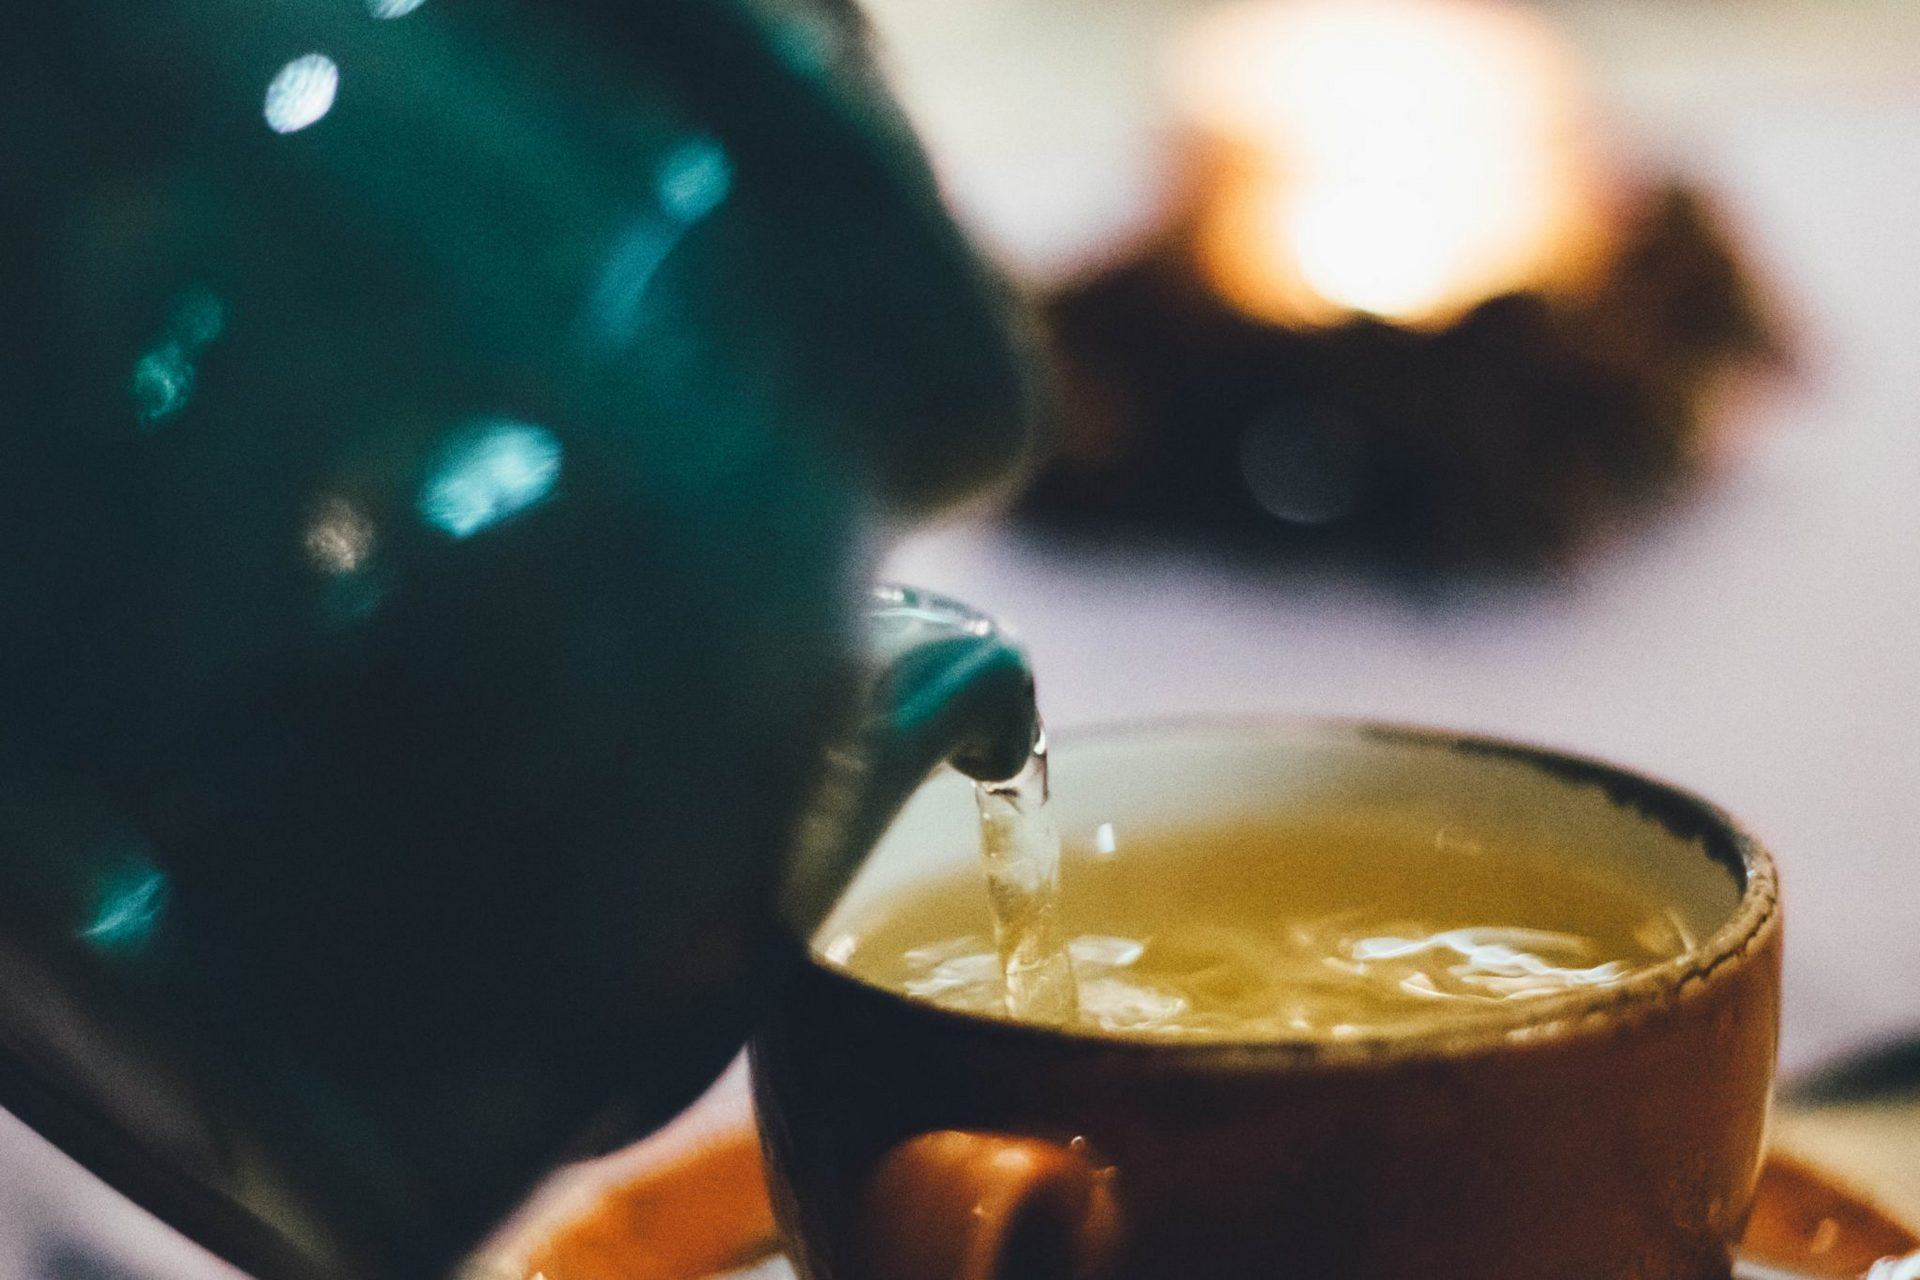 Целебный очищающий чай из лекарственных растений и его состав